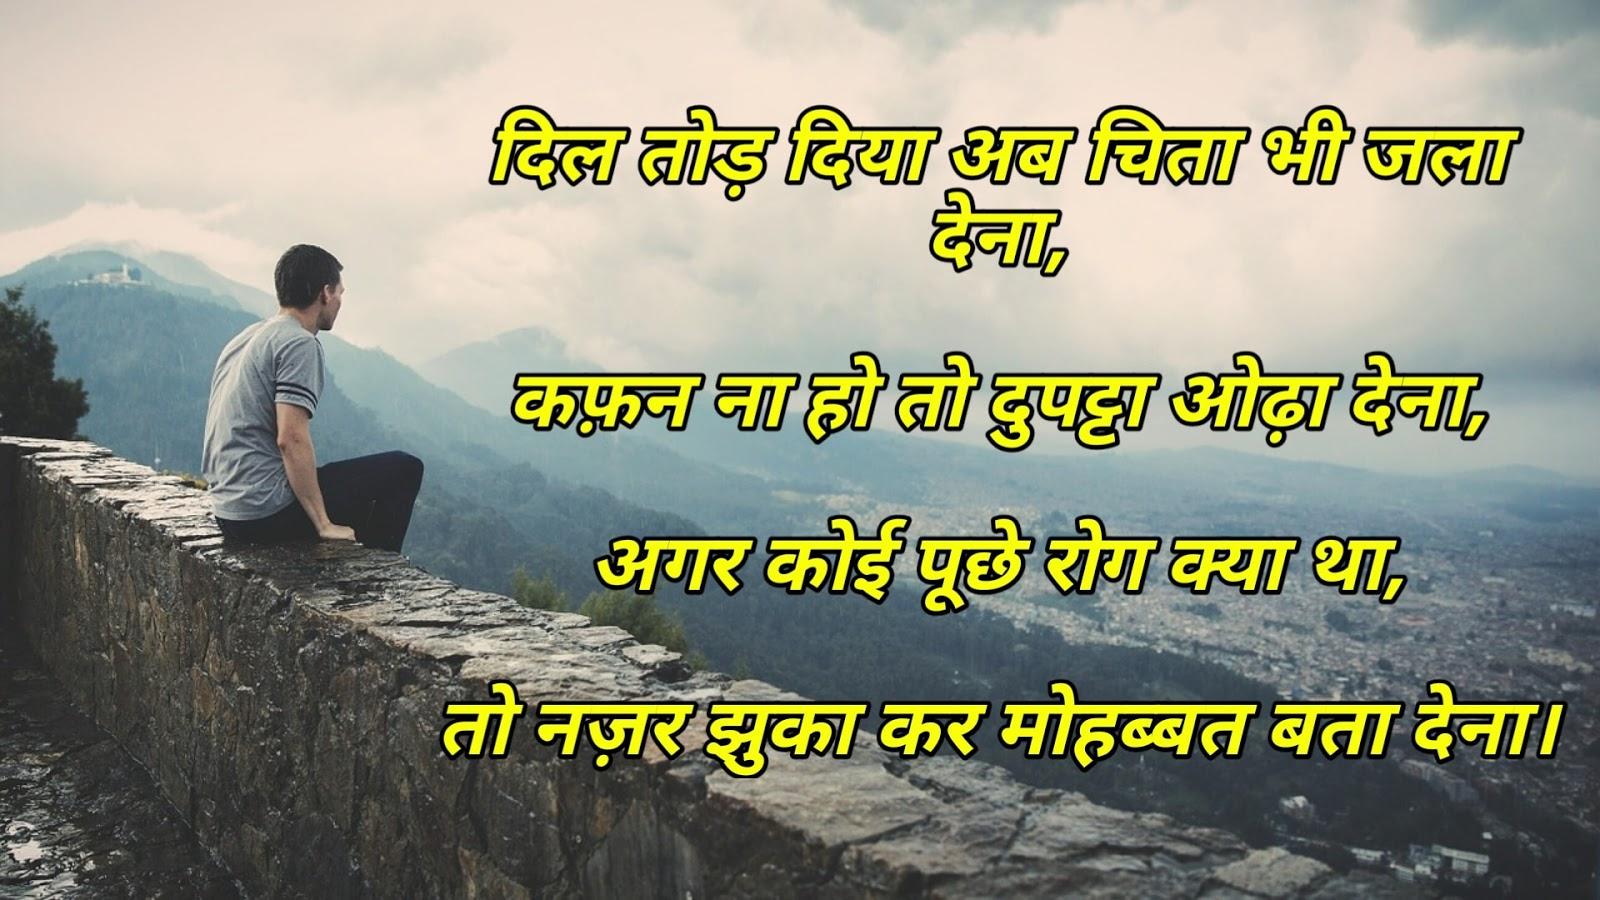 Sad shayari pic hindi